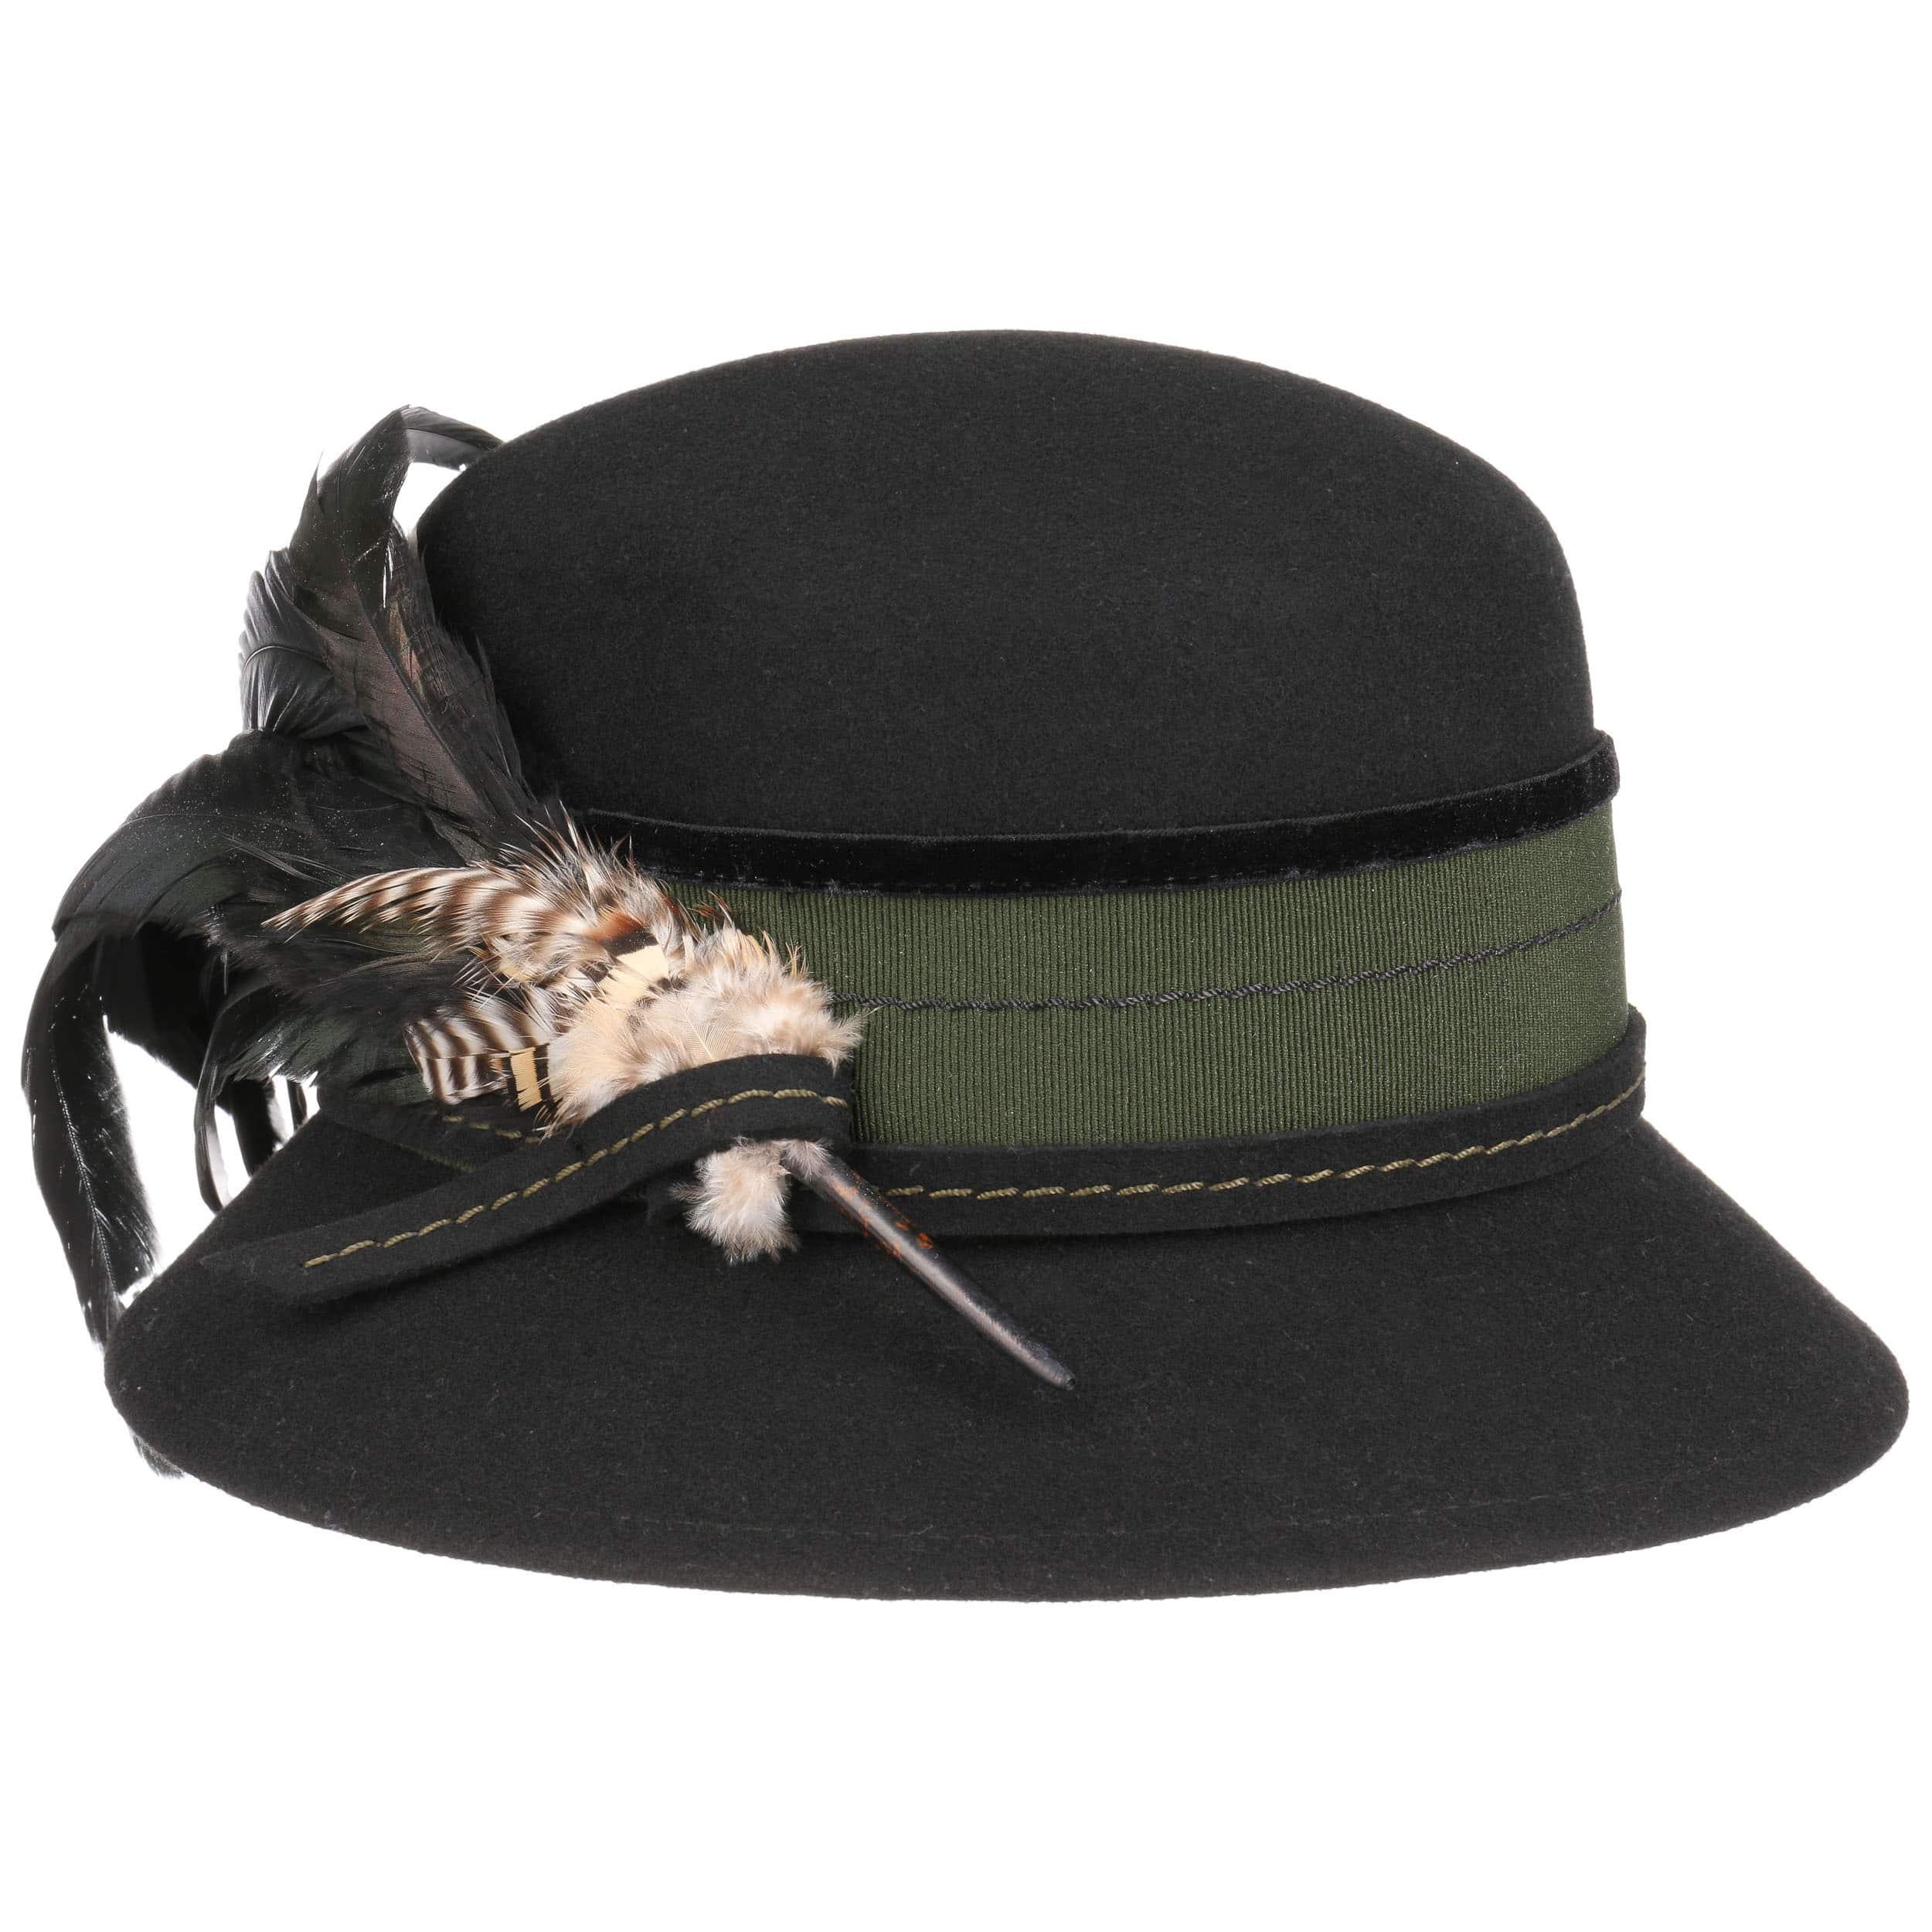 ultimo design acquista per genuino acquisto economico Cappello Tirolese Mariella by Mayser